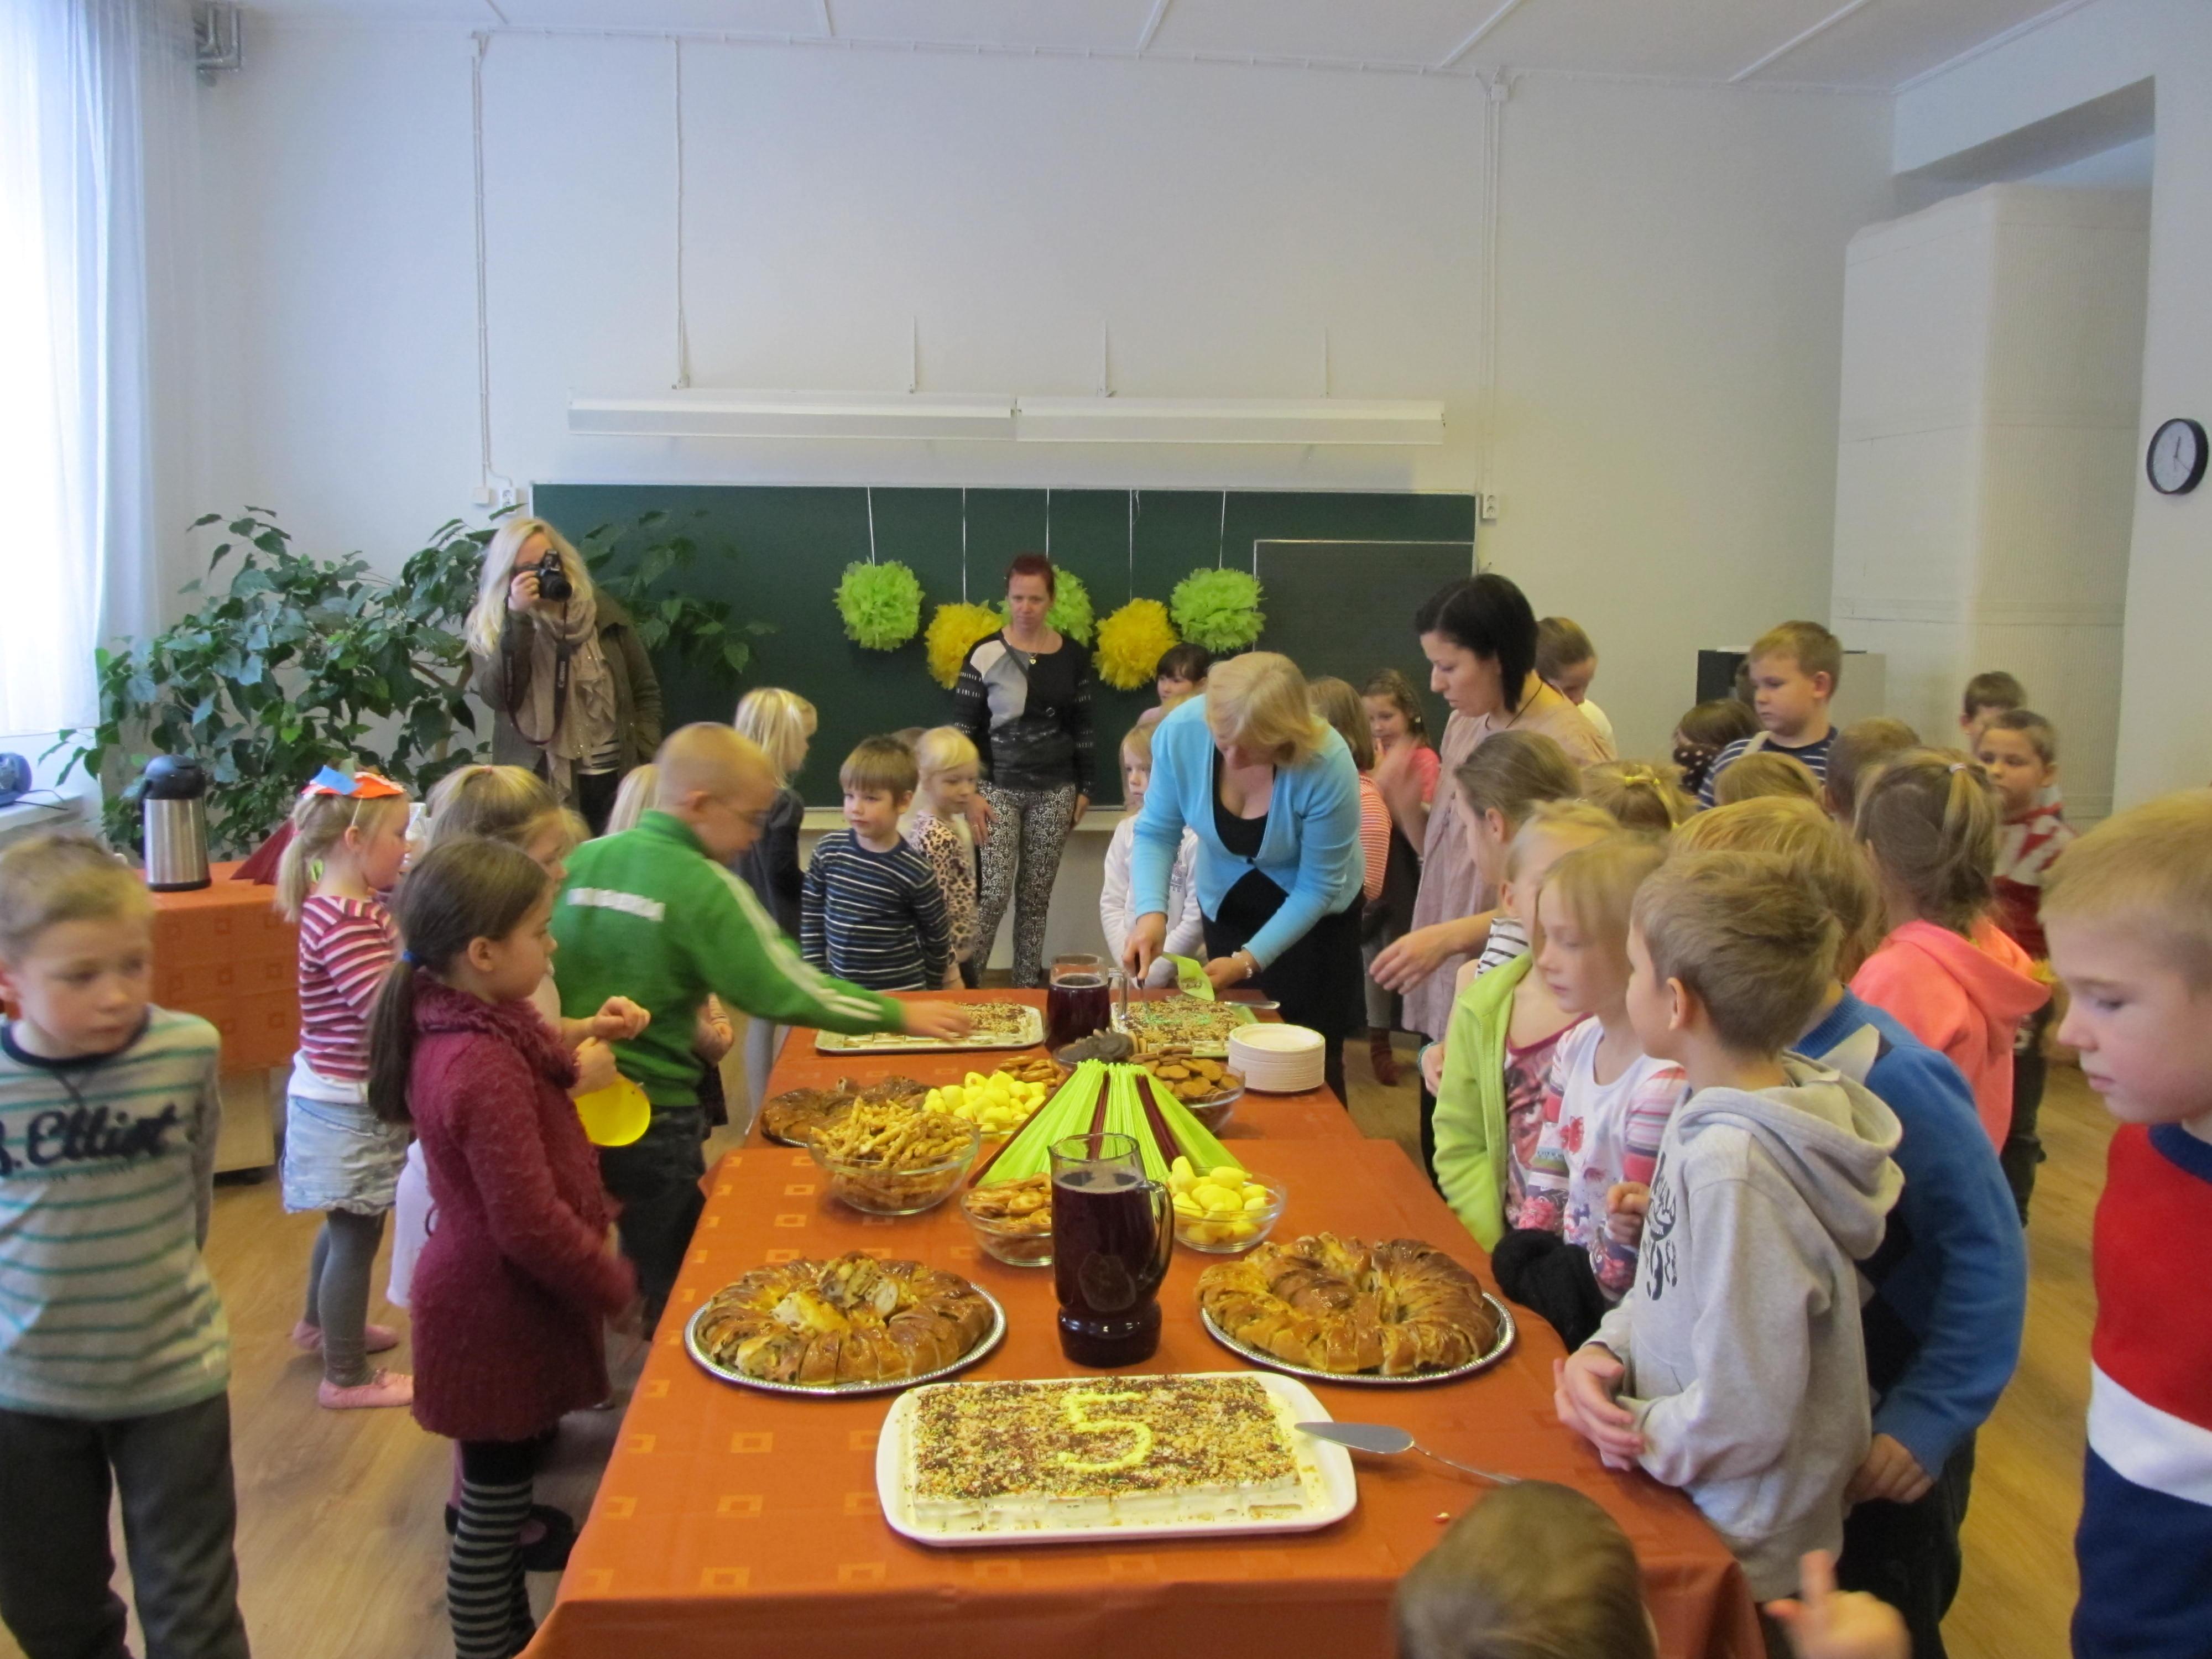 ec9f0dfd547 Tallinna lasteteatri Lepatriinu kohta saad rohkem lugeda SIIT · Lasteaia  sünnipäev 017 ...